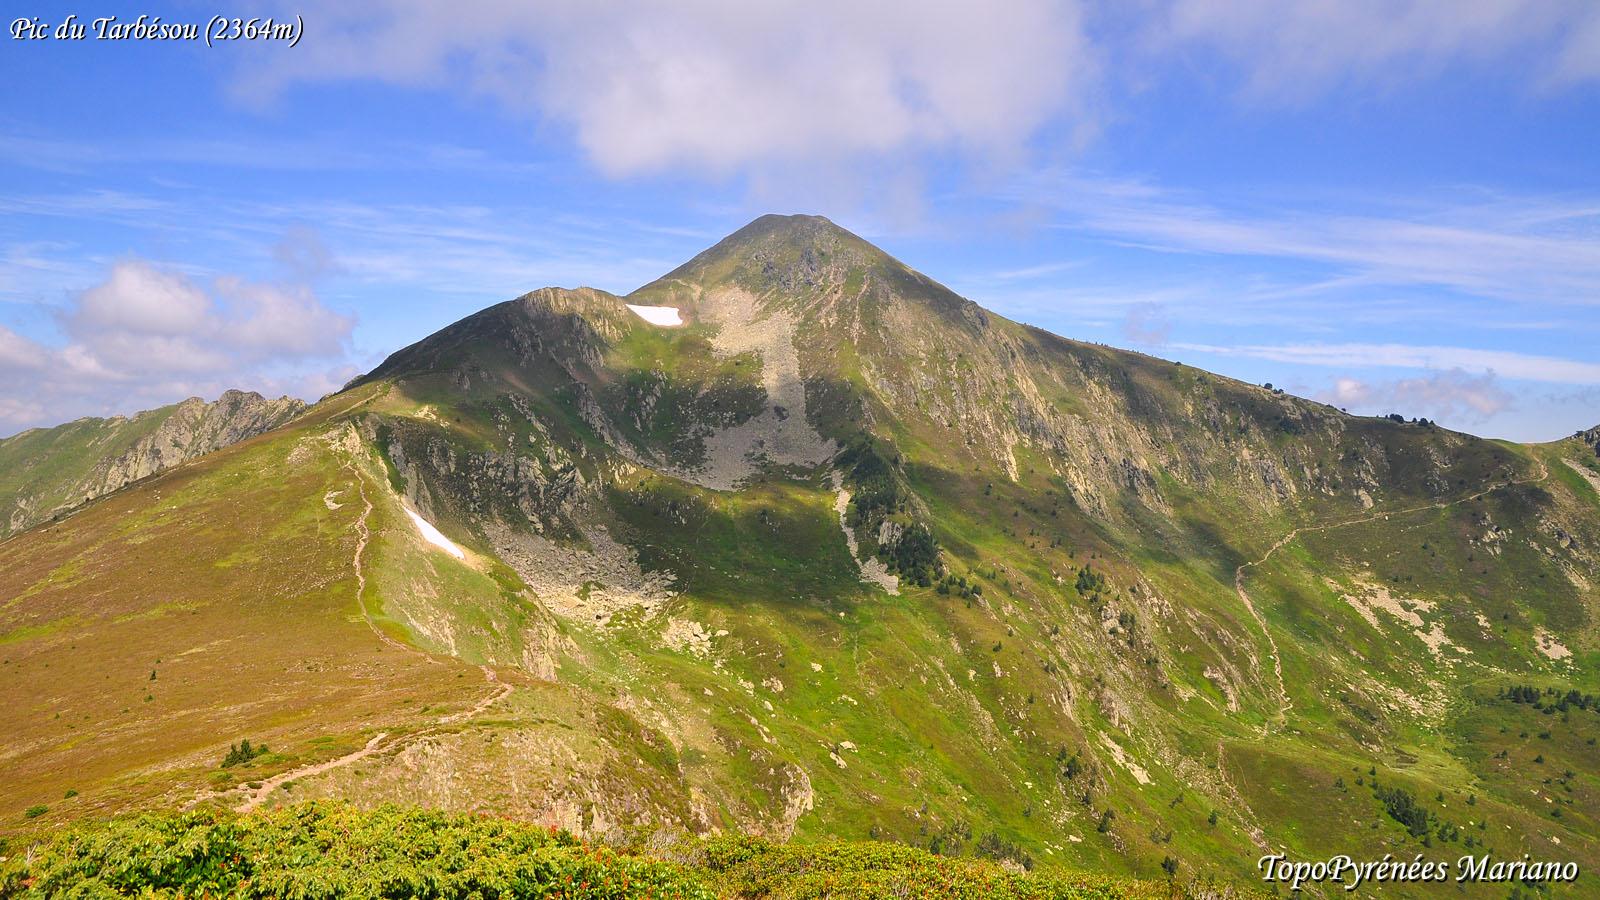 Randonnée Pic du Tarbésou (2364m)